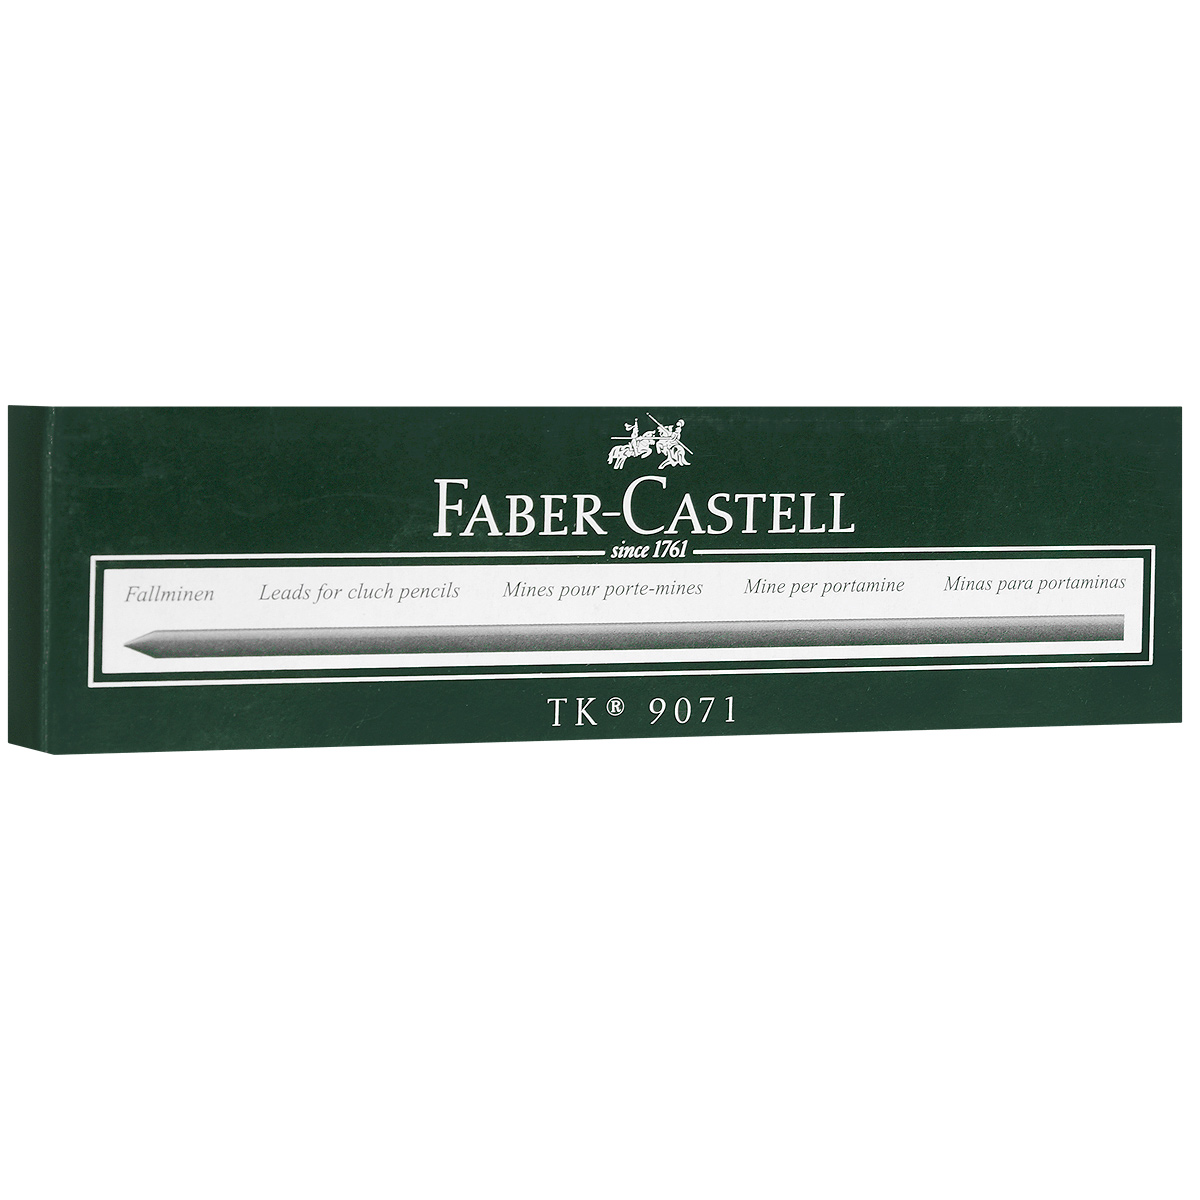 Графитные грифели Faber-Castell, 10 шт730396Графитные грифели Faber-Castell подходят механических карандашей любой марки. Они оставляют на бумаге четкий черный след, не размазываются, обладают ударопрочностью и экономно расходуются. В наборе 10 заточенных грифелей, упакованных в пластиковый футляр для удобного хранения.